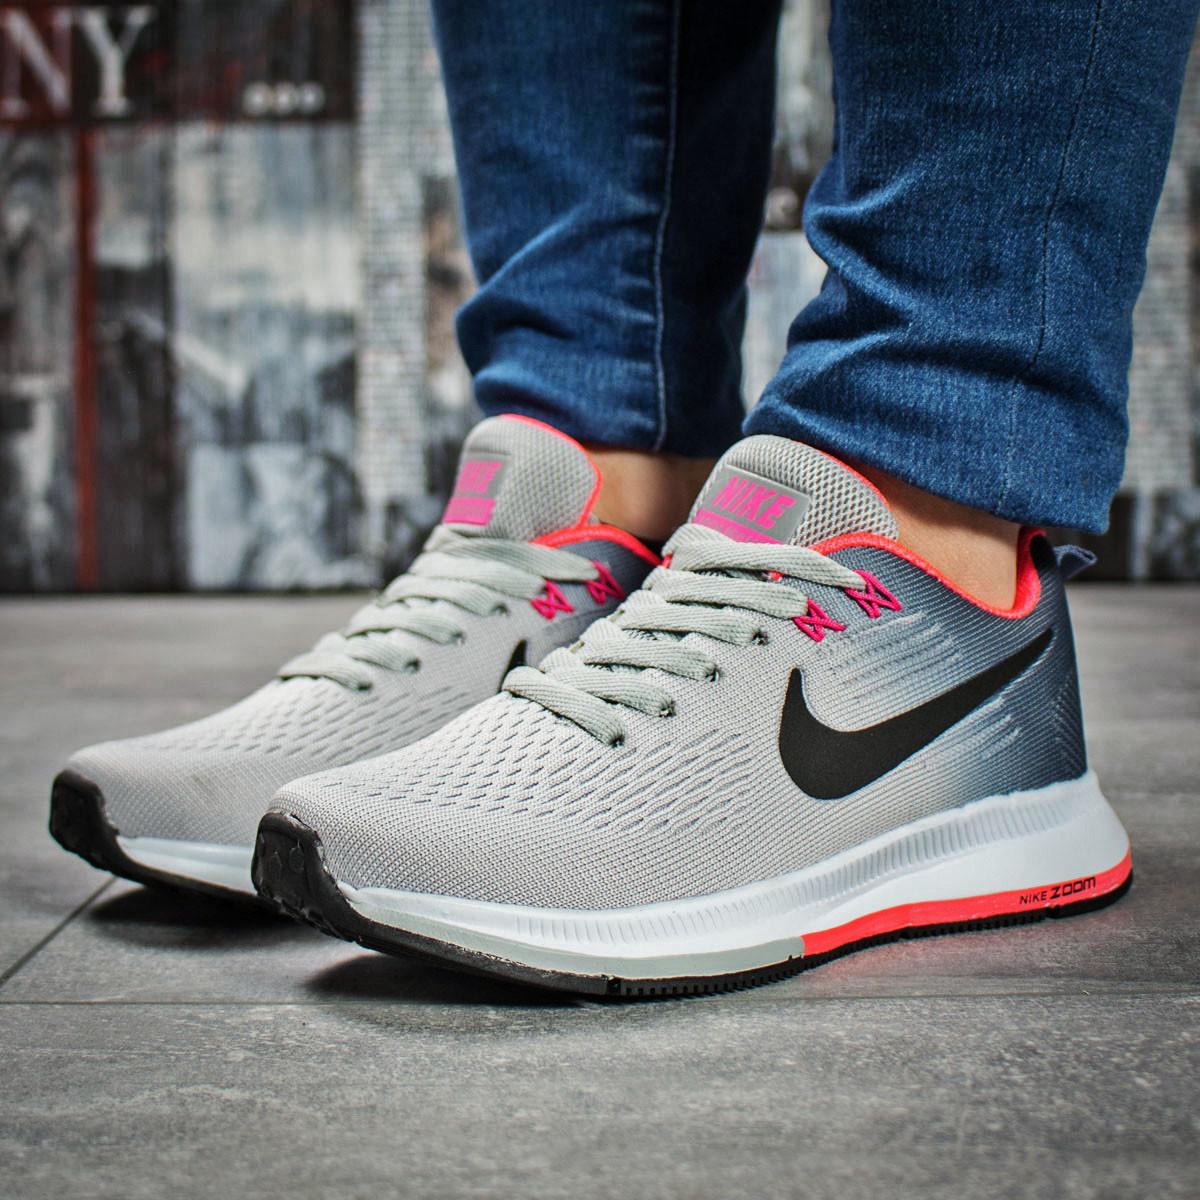 reputable site 61169 08c55 Женские кроссовки в стиле Nike Zoom Pegasus, текстиль, пена, серые 37 (23  см) - Bigl.ua